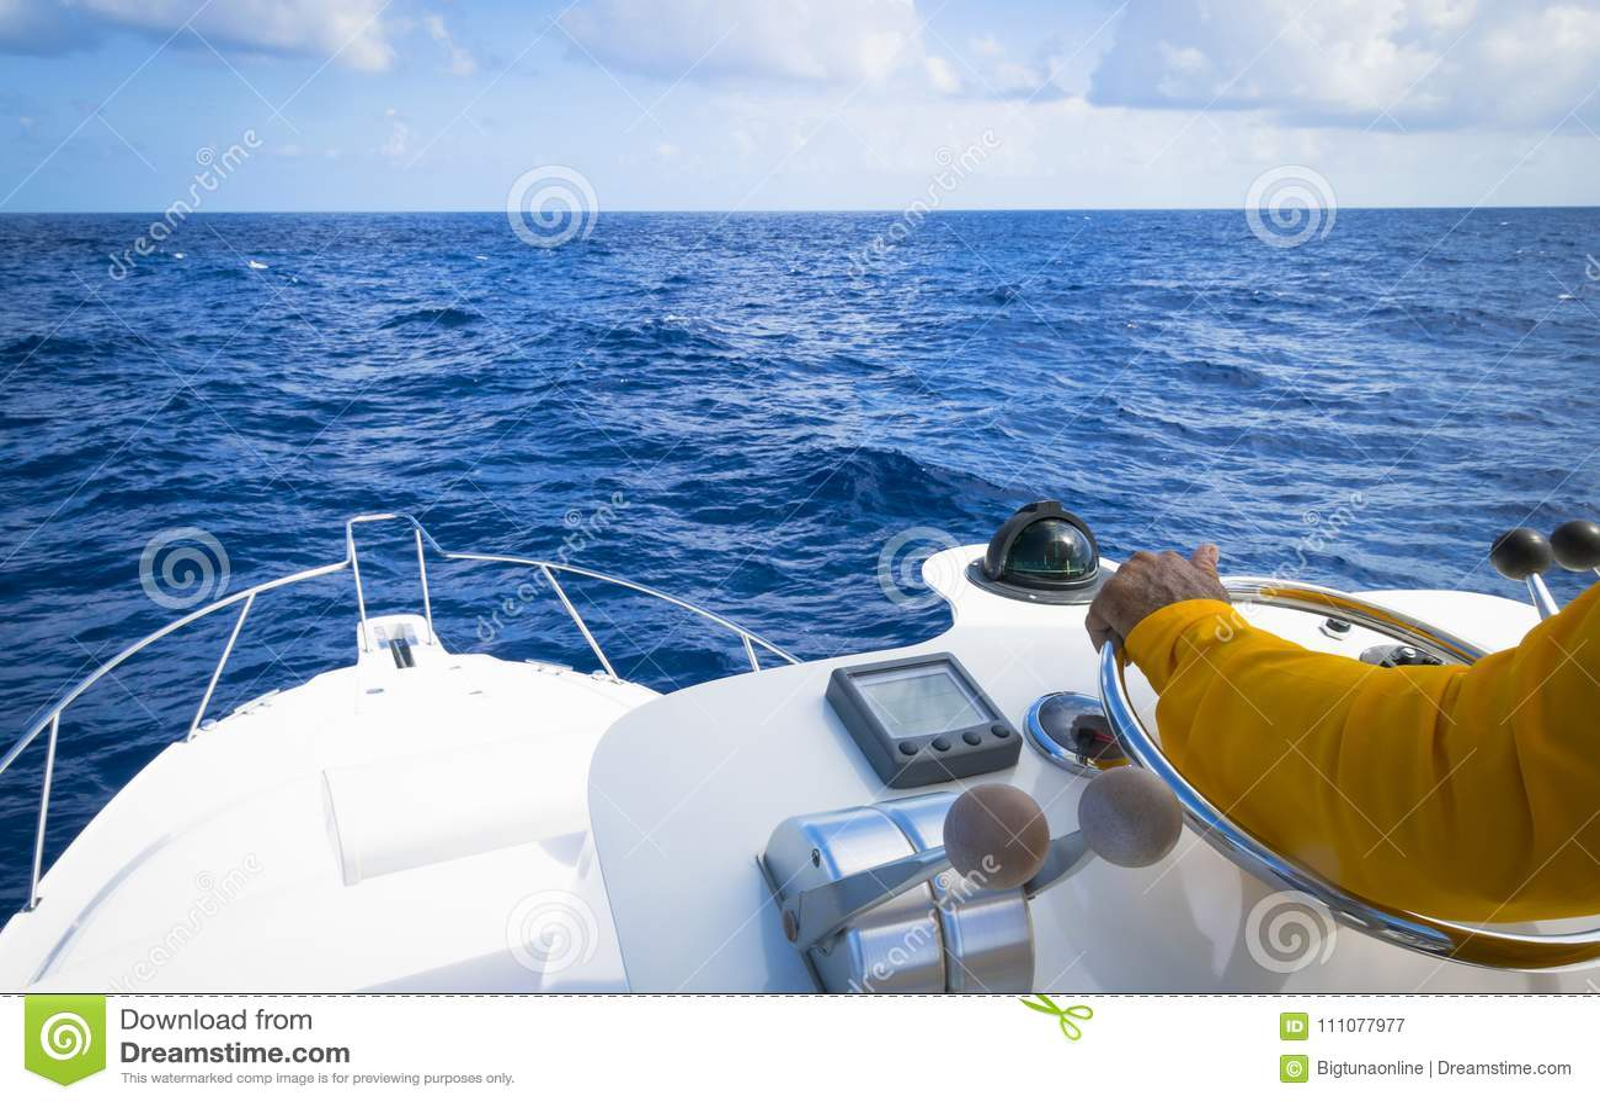 Hand van kapitein op stuurwiel van motorboot in de blauwe gepaste oceaan de visserijdag